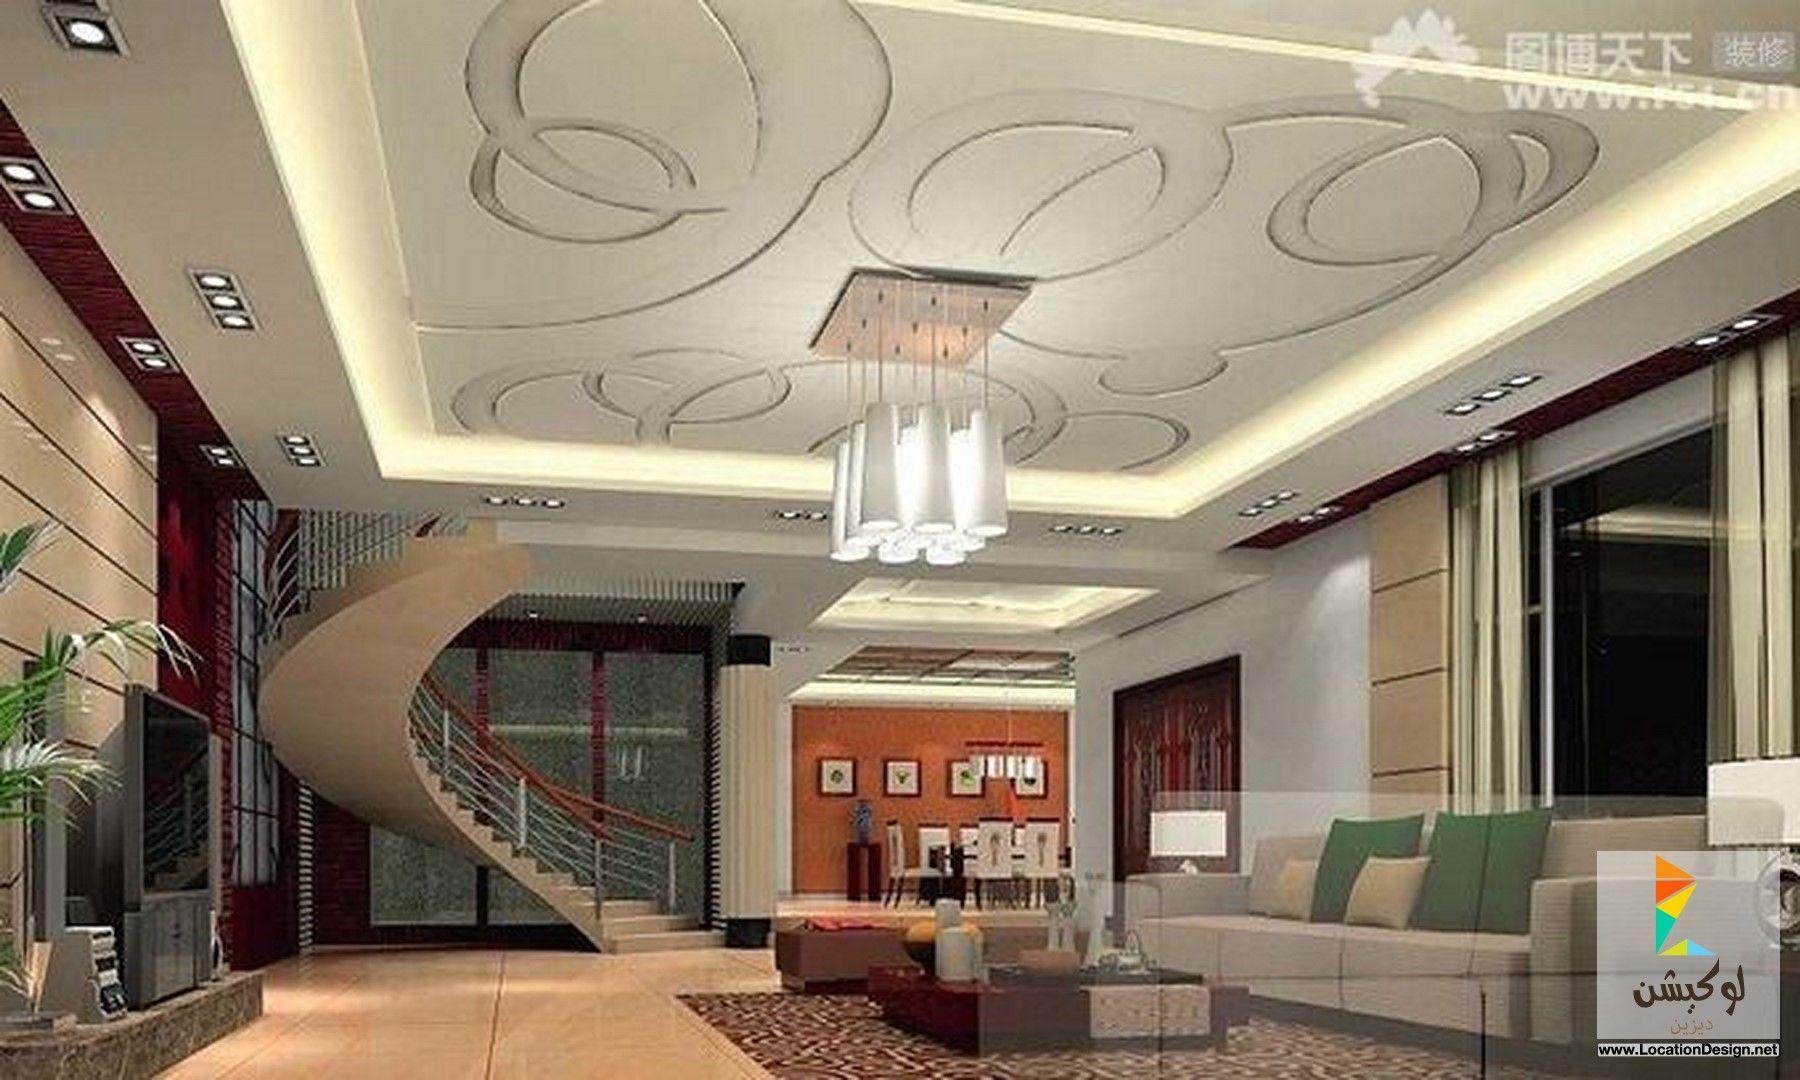 ديكور جبس غرف جلوس 2015 | decoration | Pinterest | Decoration